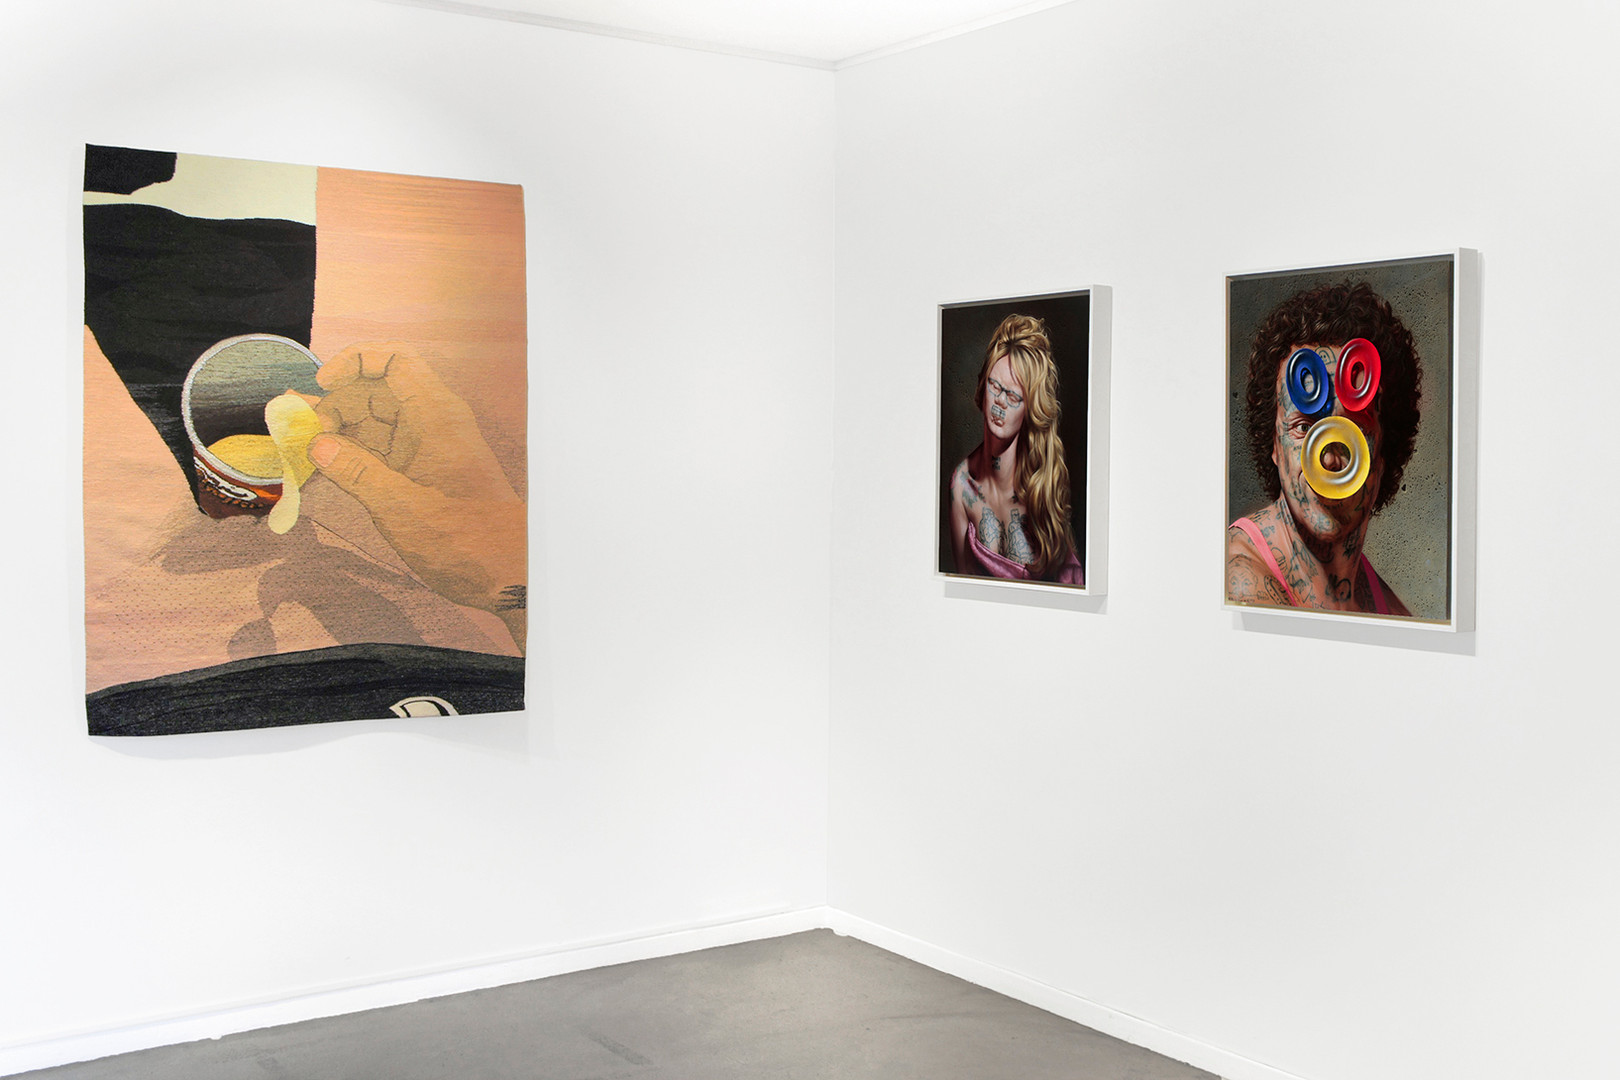 Galerie Julien Cadet Erin M. Riley, Christian Rex van Minnen Réalisme d'aujourd'hui